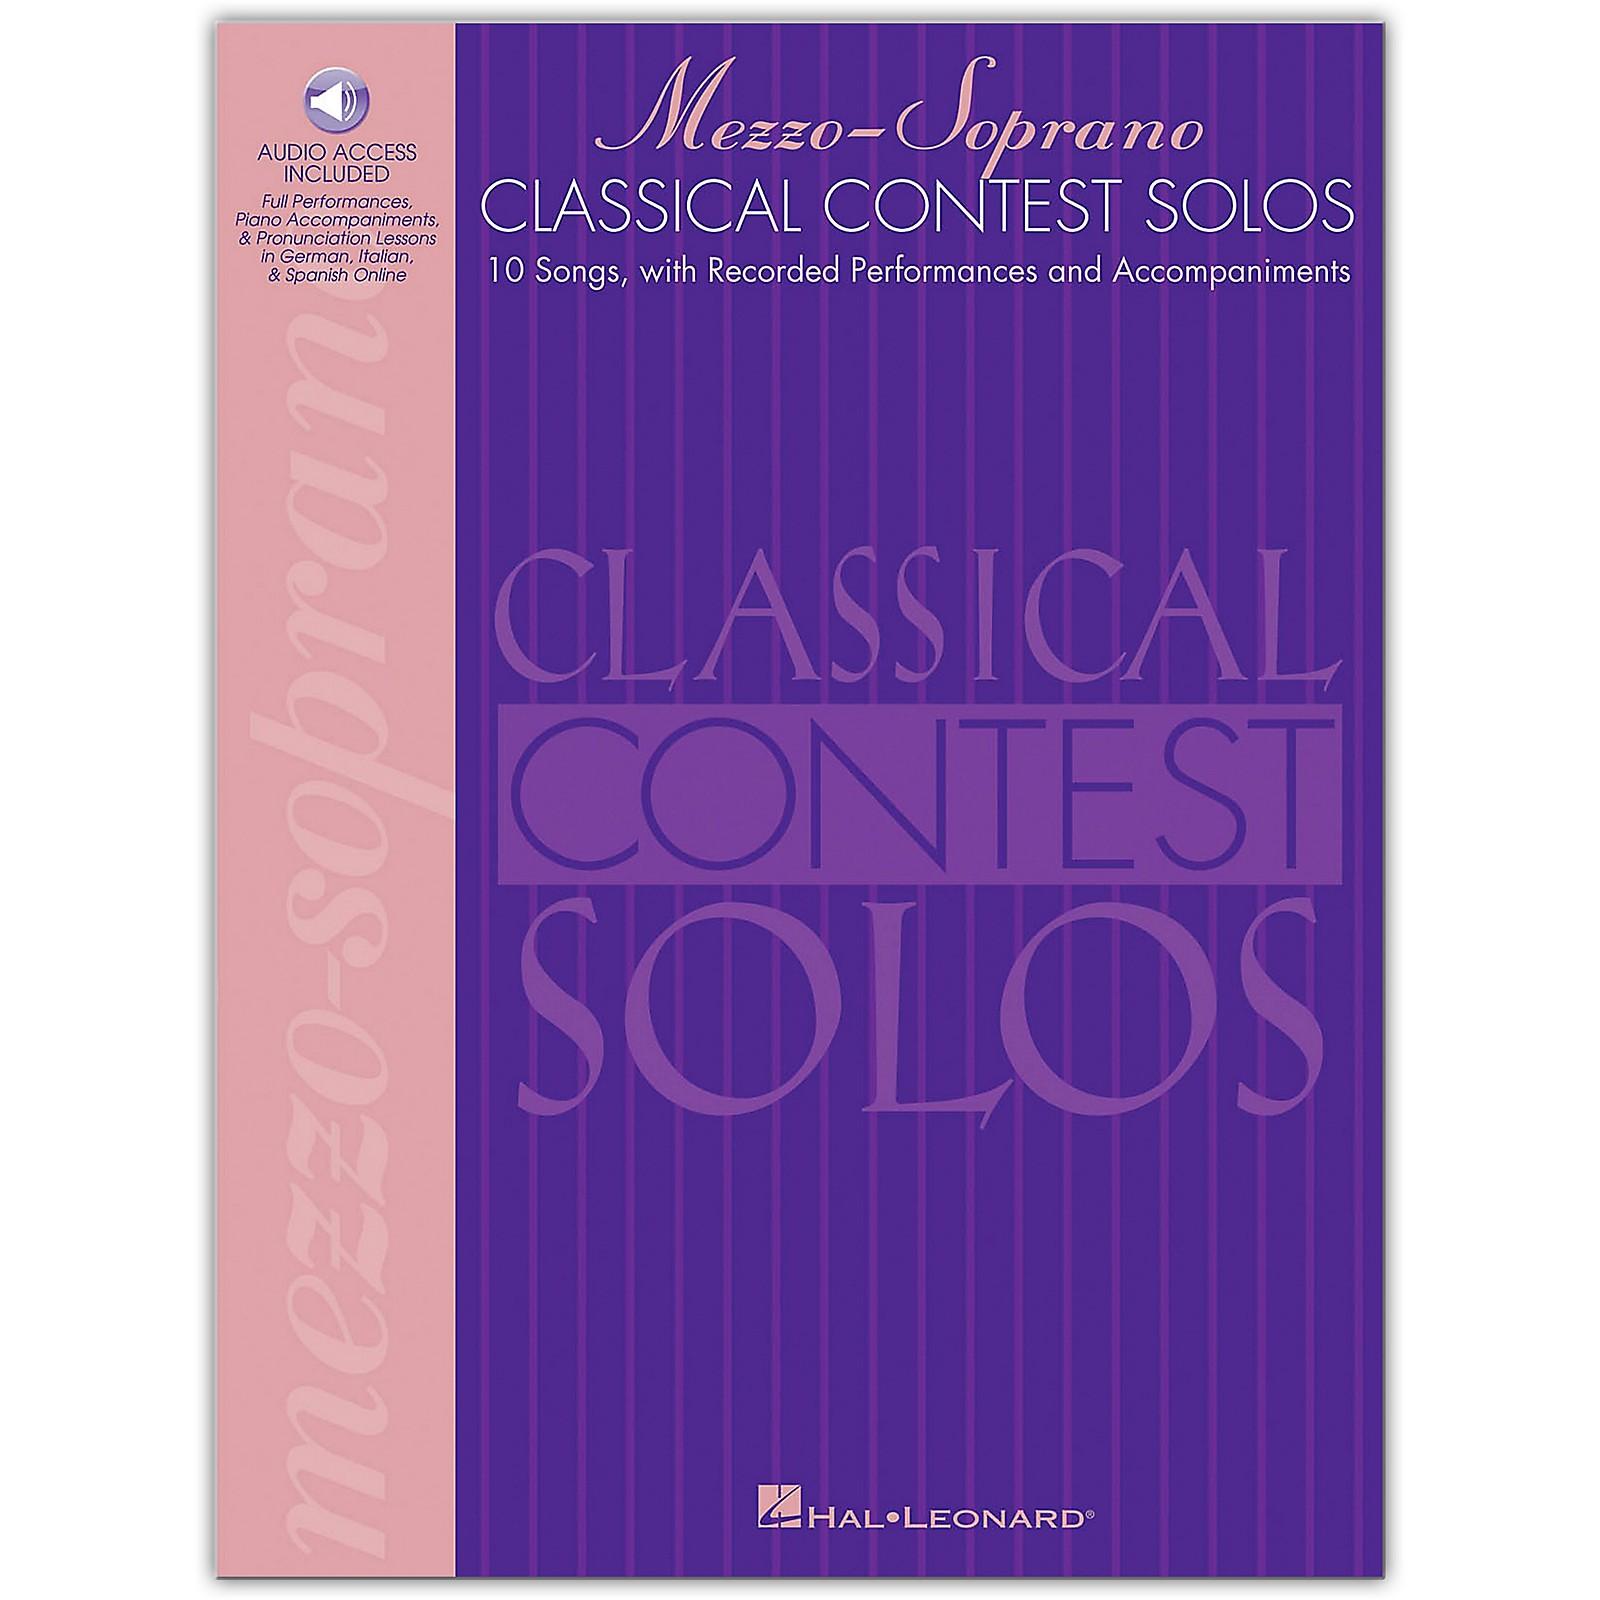 Hal Leonard Classical Contest Solos for Mezzo Soprano (Book/Online Audio)